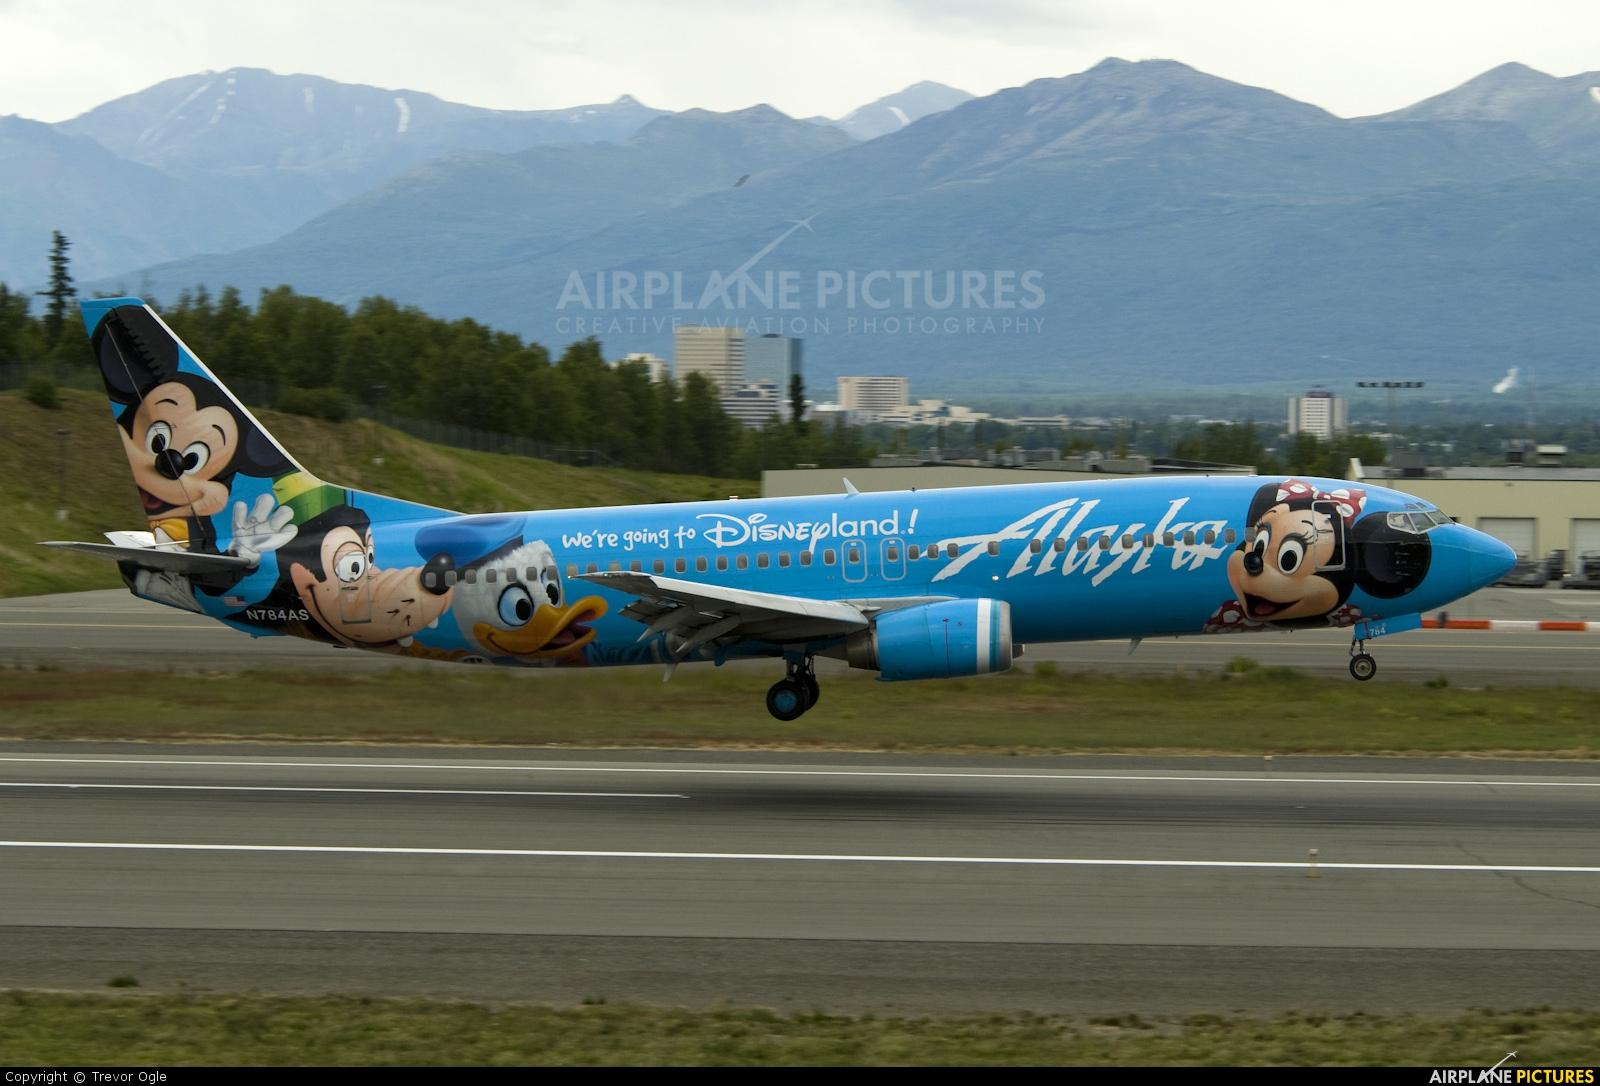 Alaska Airlines N784AS aircraft at Anchorage - Ted Stevens Intl / Kulis Air National Guard Base